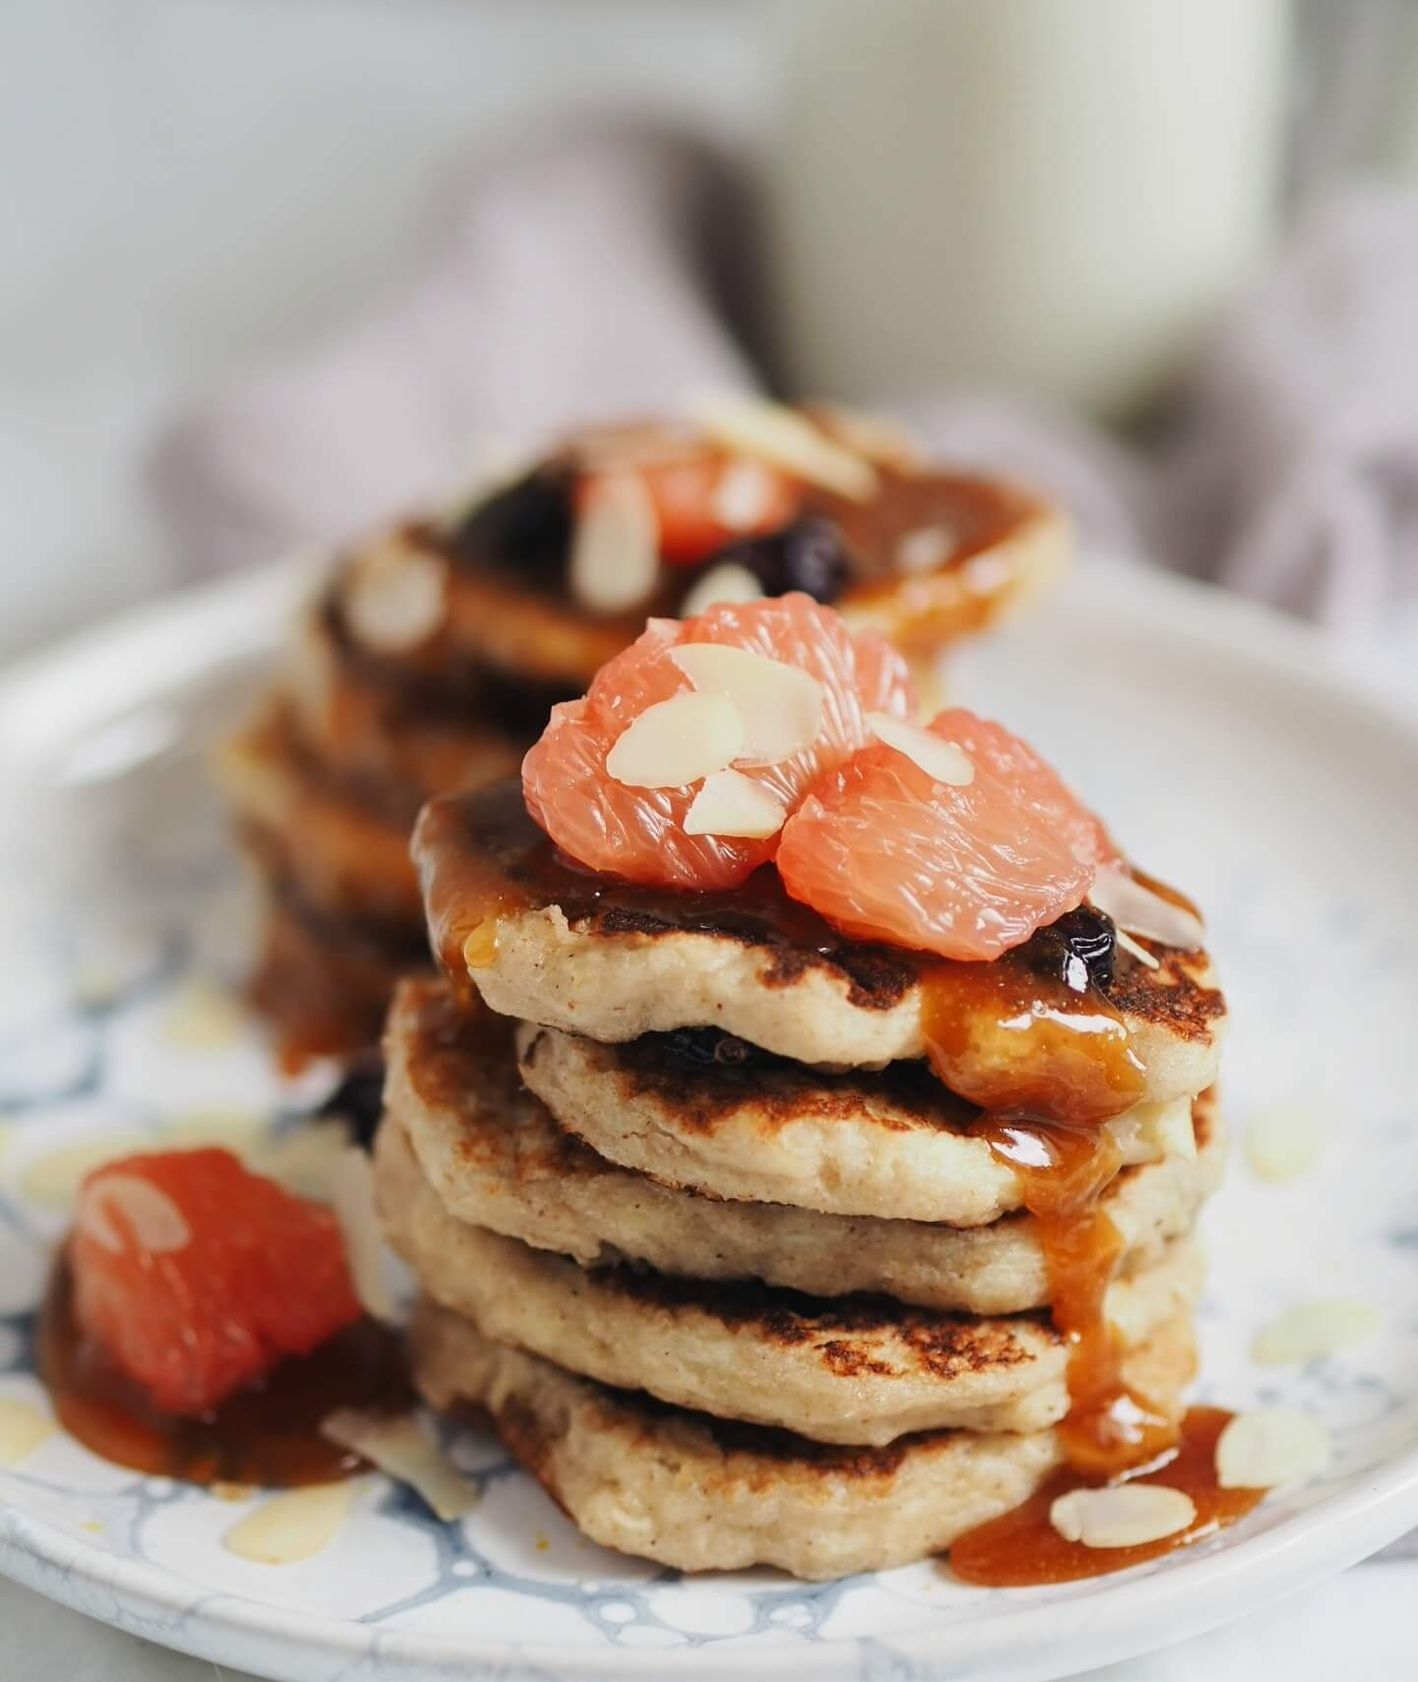 racuszki gryczane, placki bezglutenowe, pancakes, przepisy Jagłowska, wegańskie placki, wegańskie śniadanie